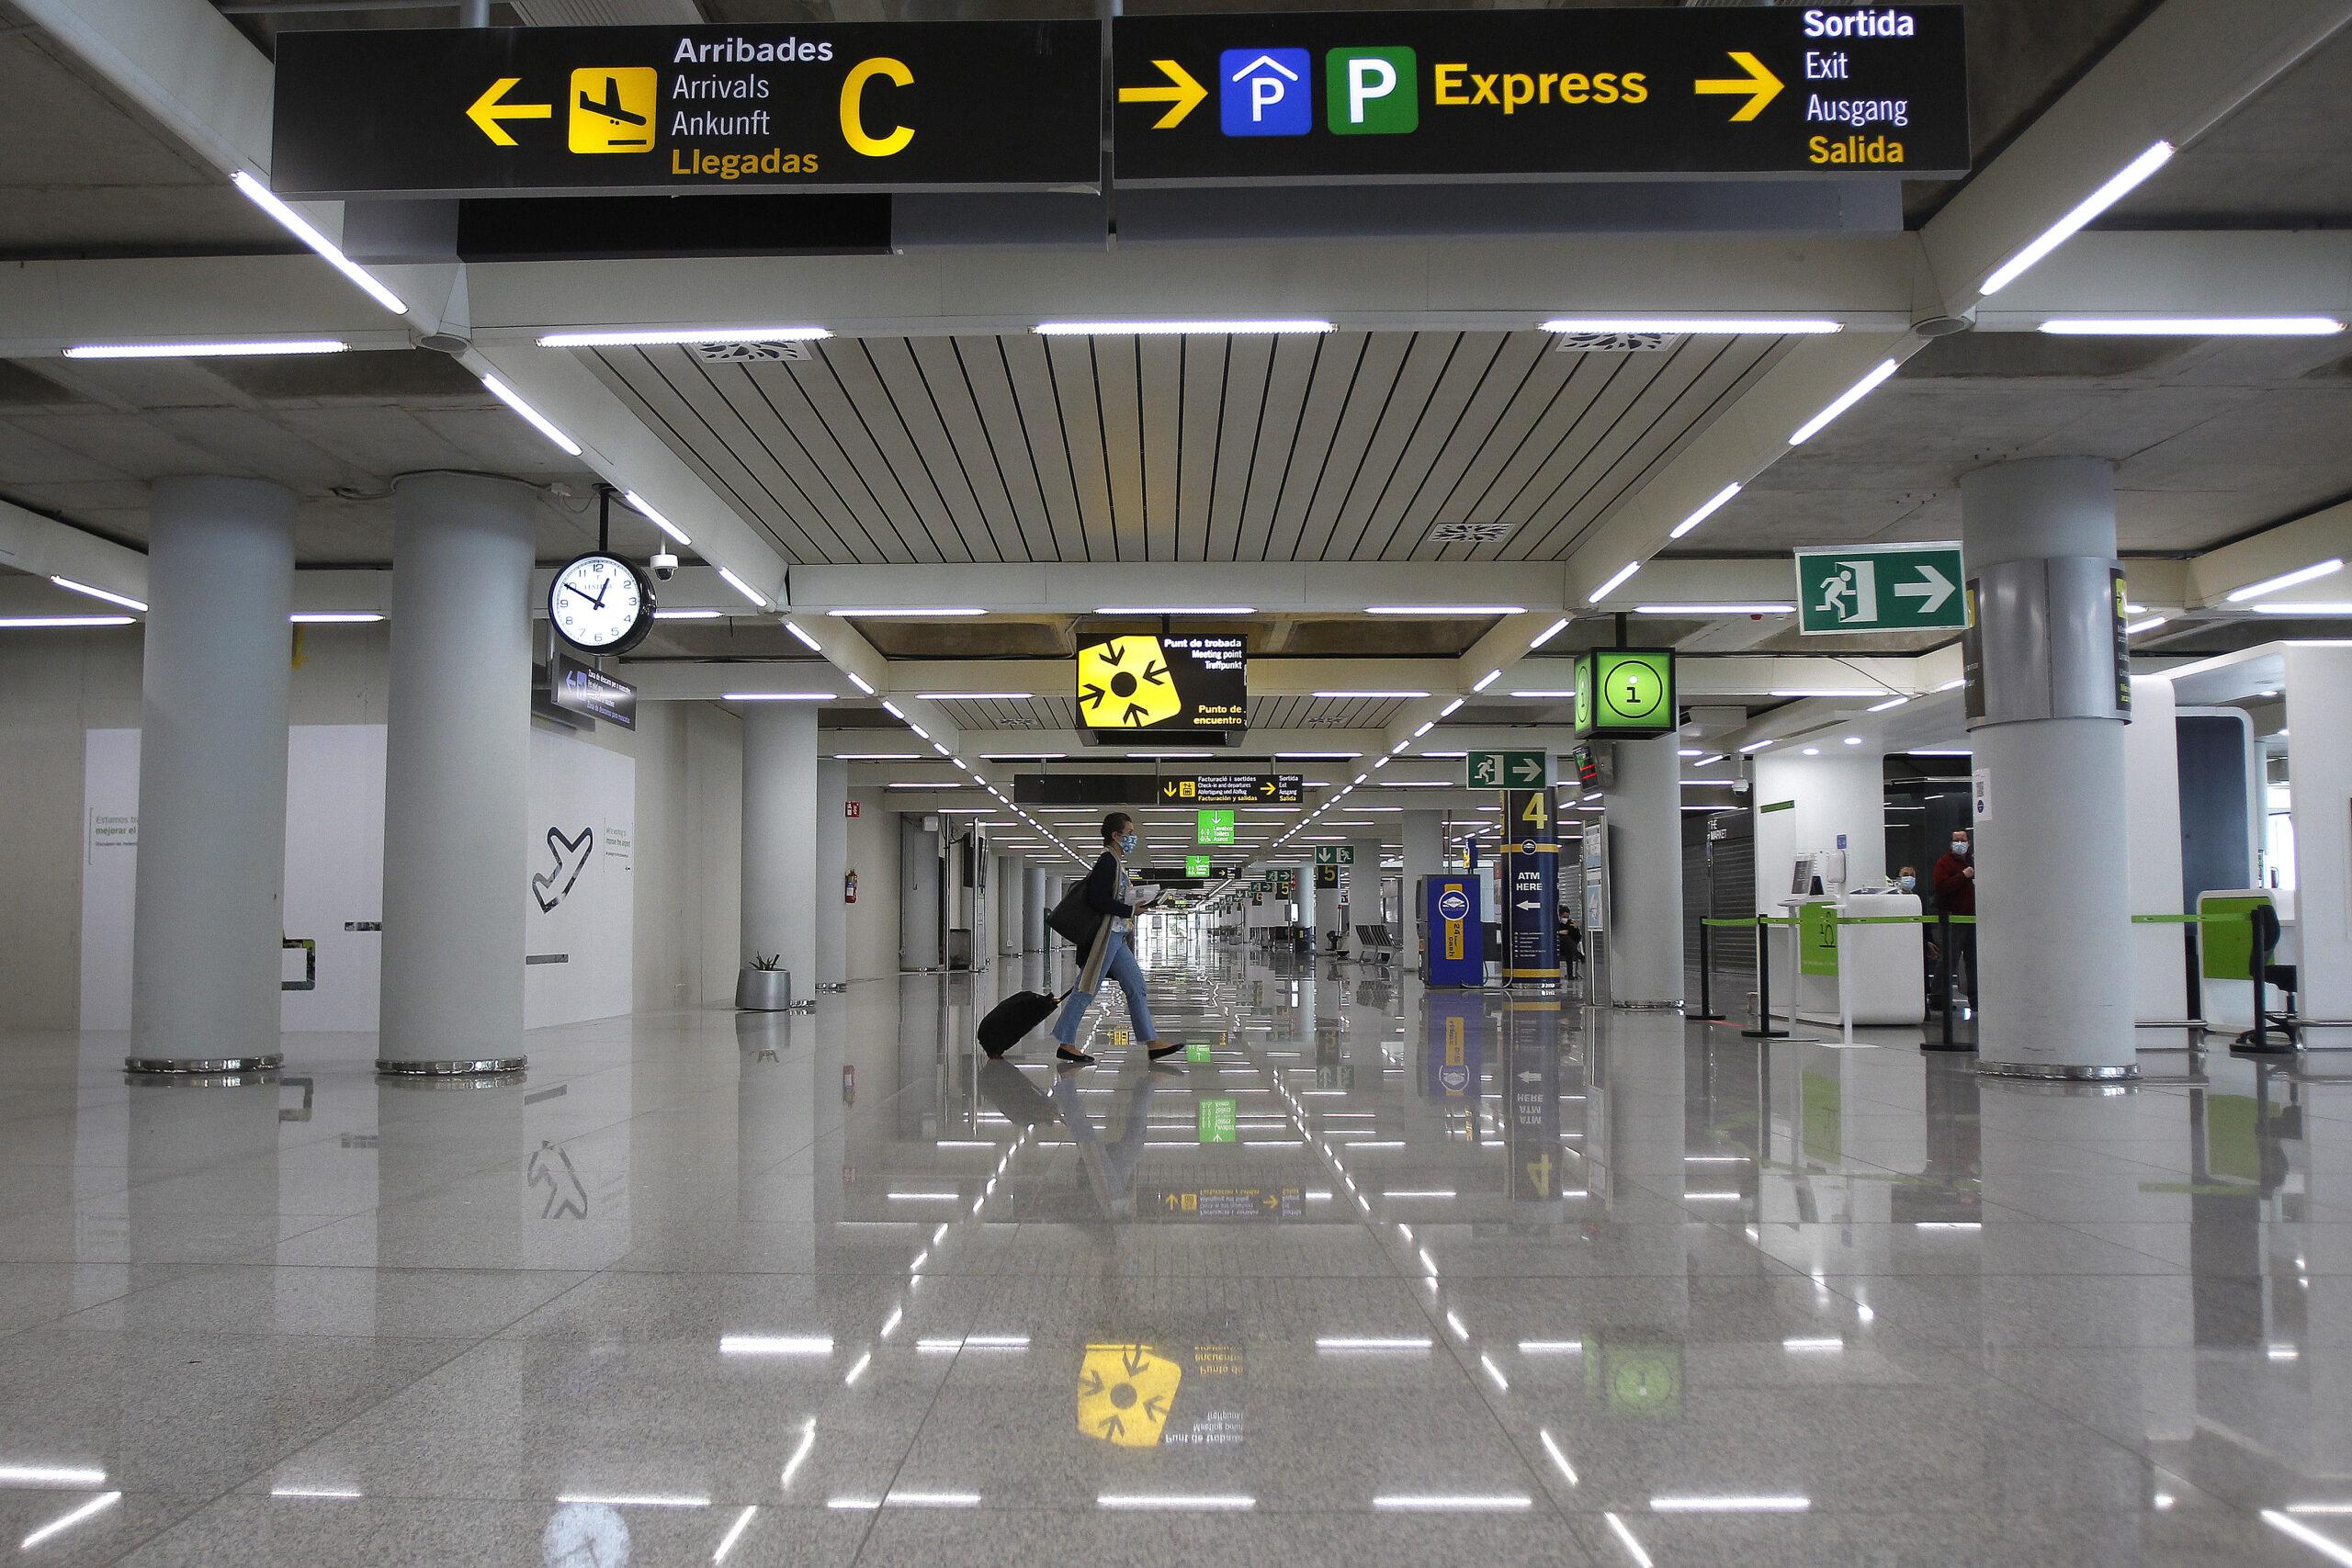 Un passatger a l'aeroport de Palma, el 31 de març del 2021 / Europa Press